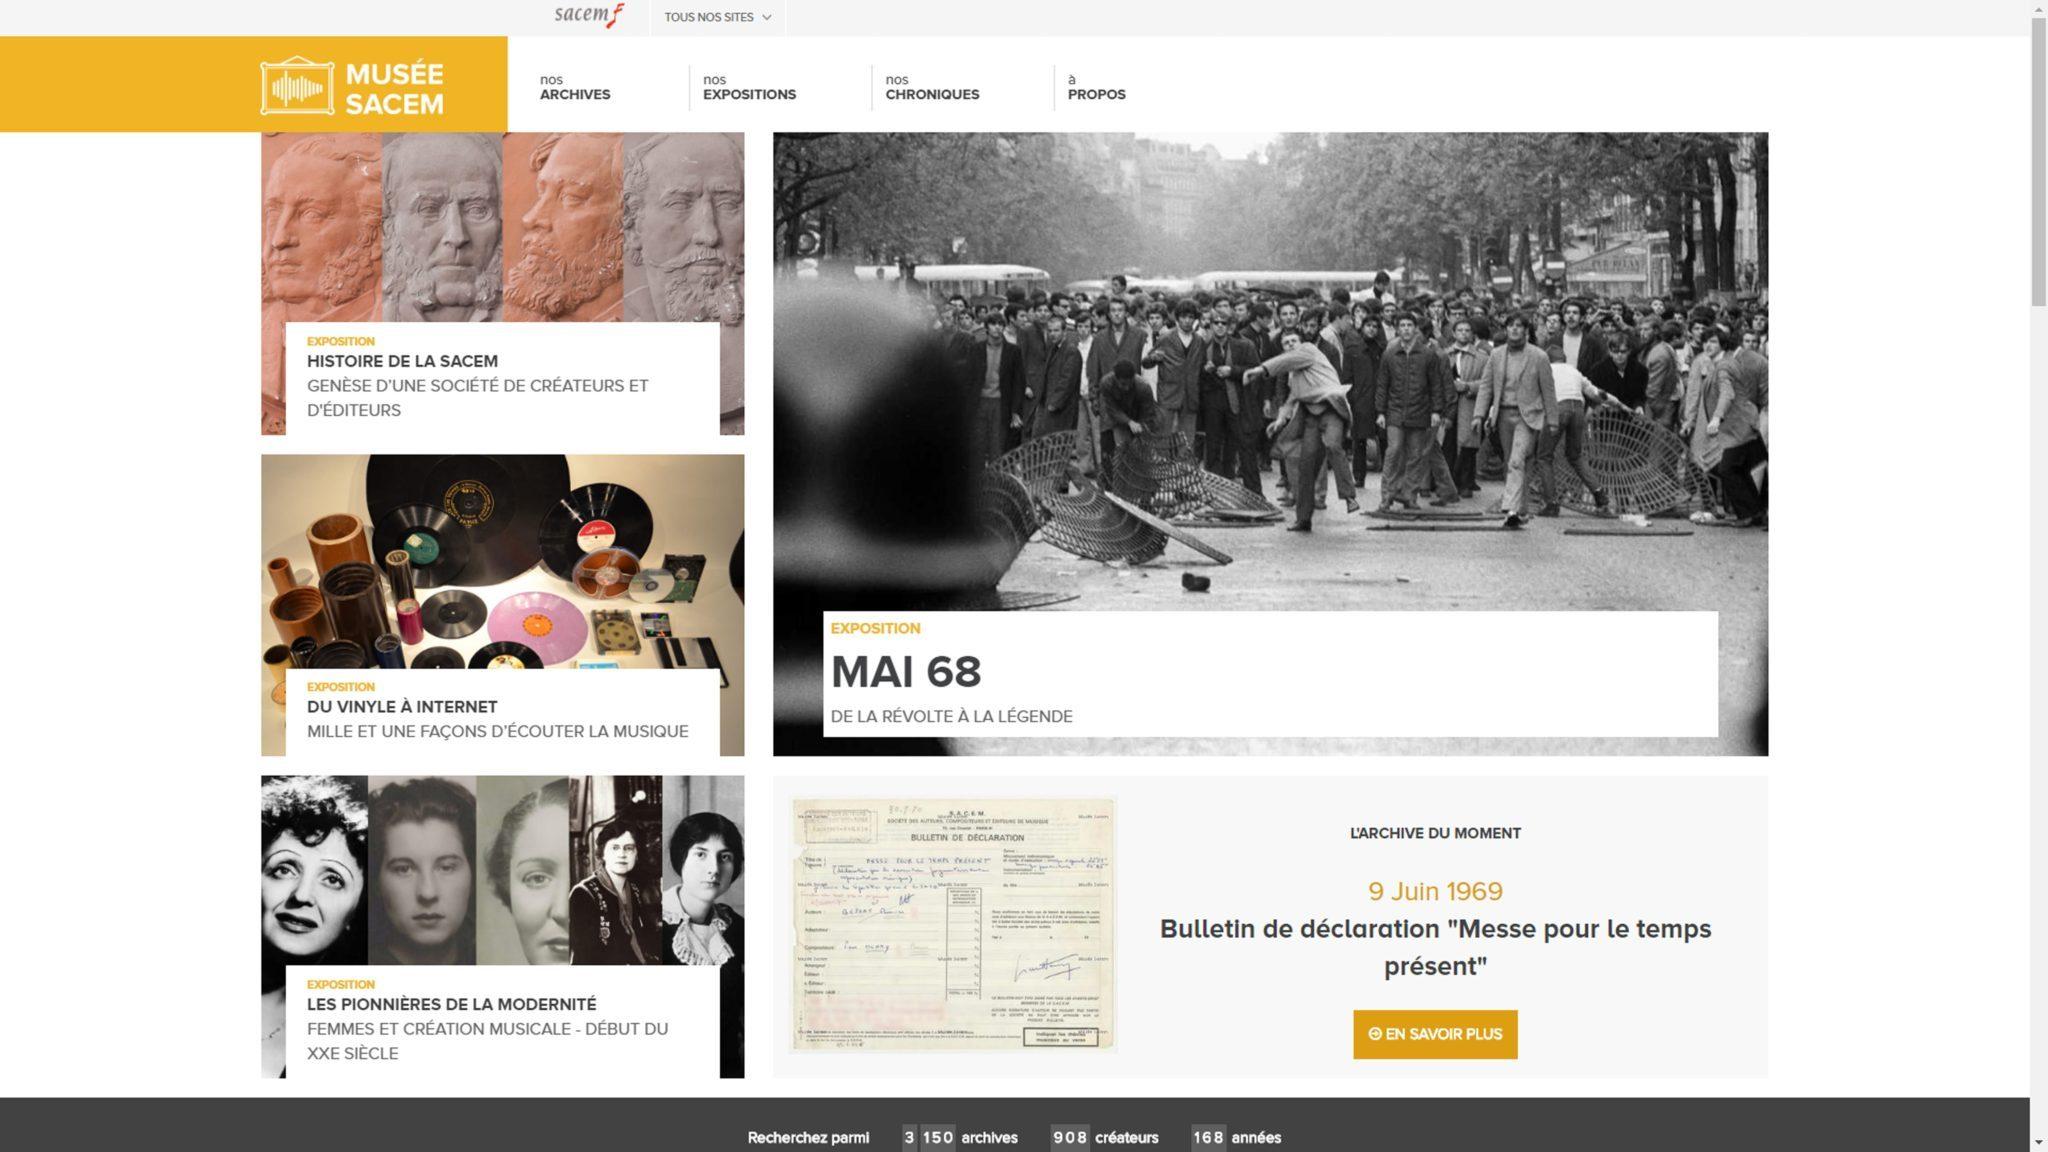 Musée Sacem image page d'accueil